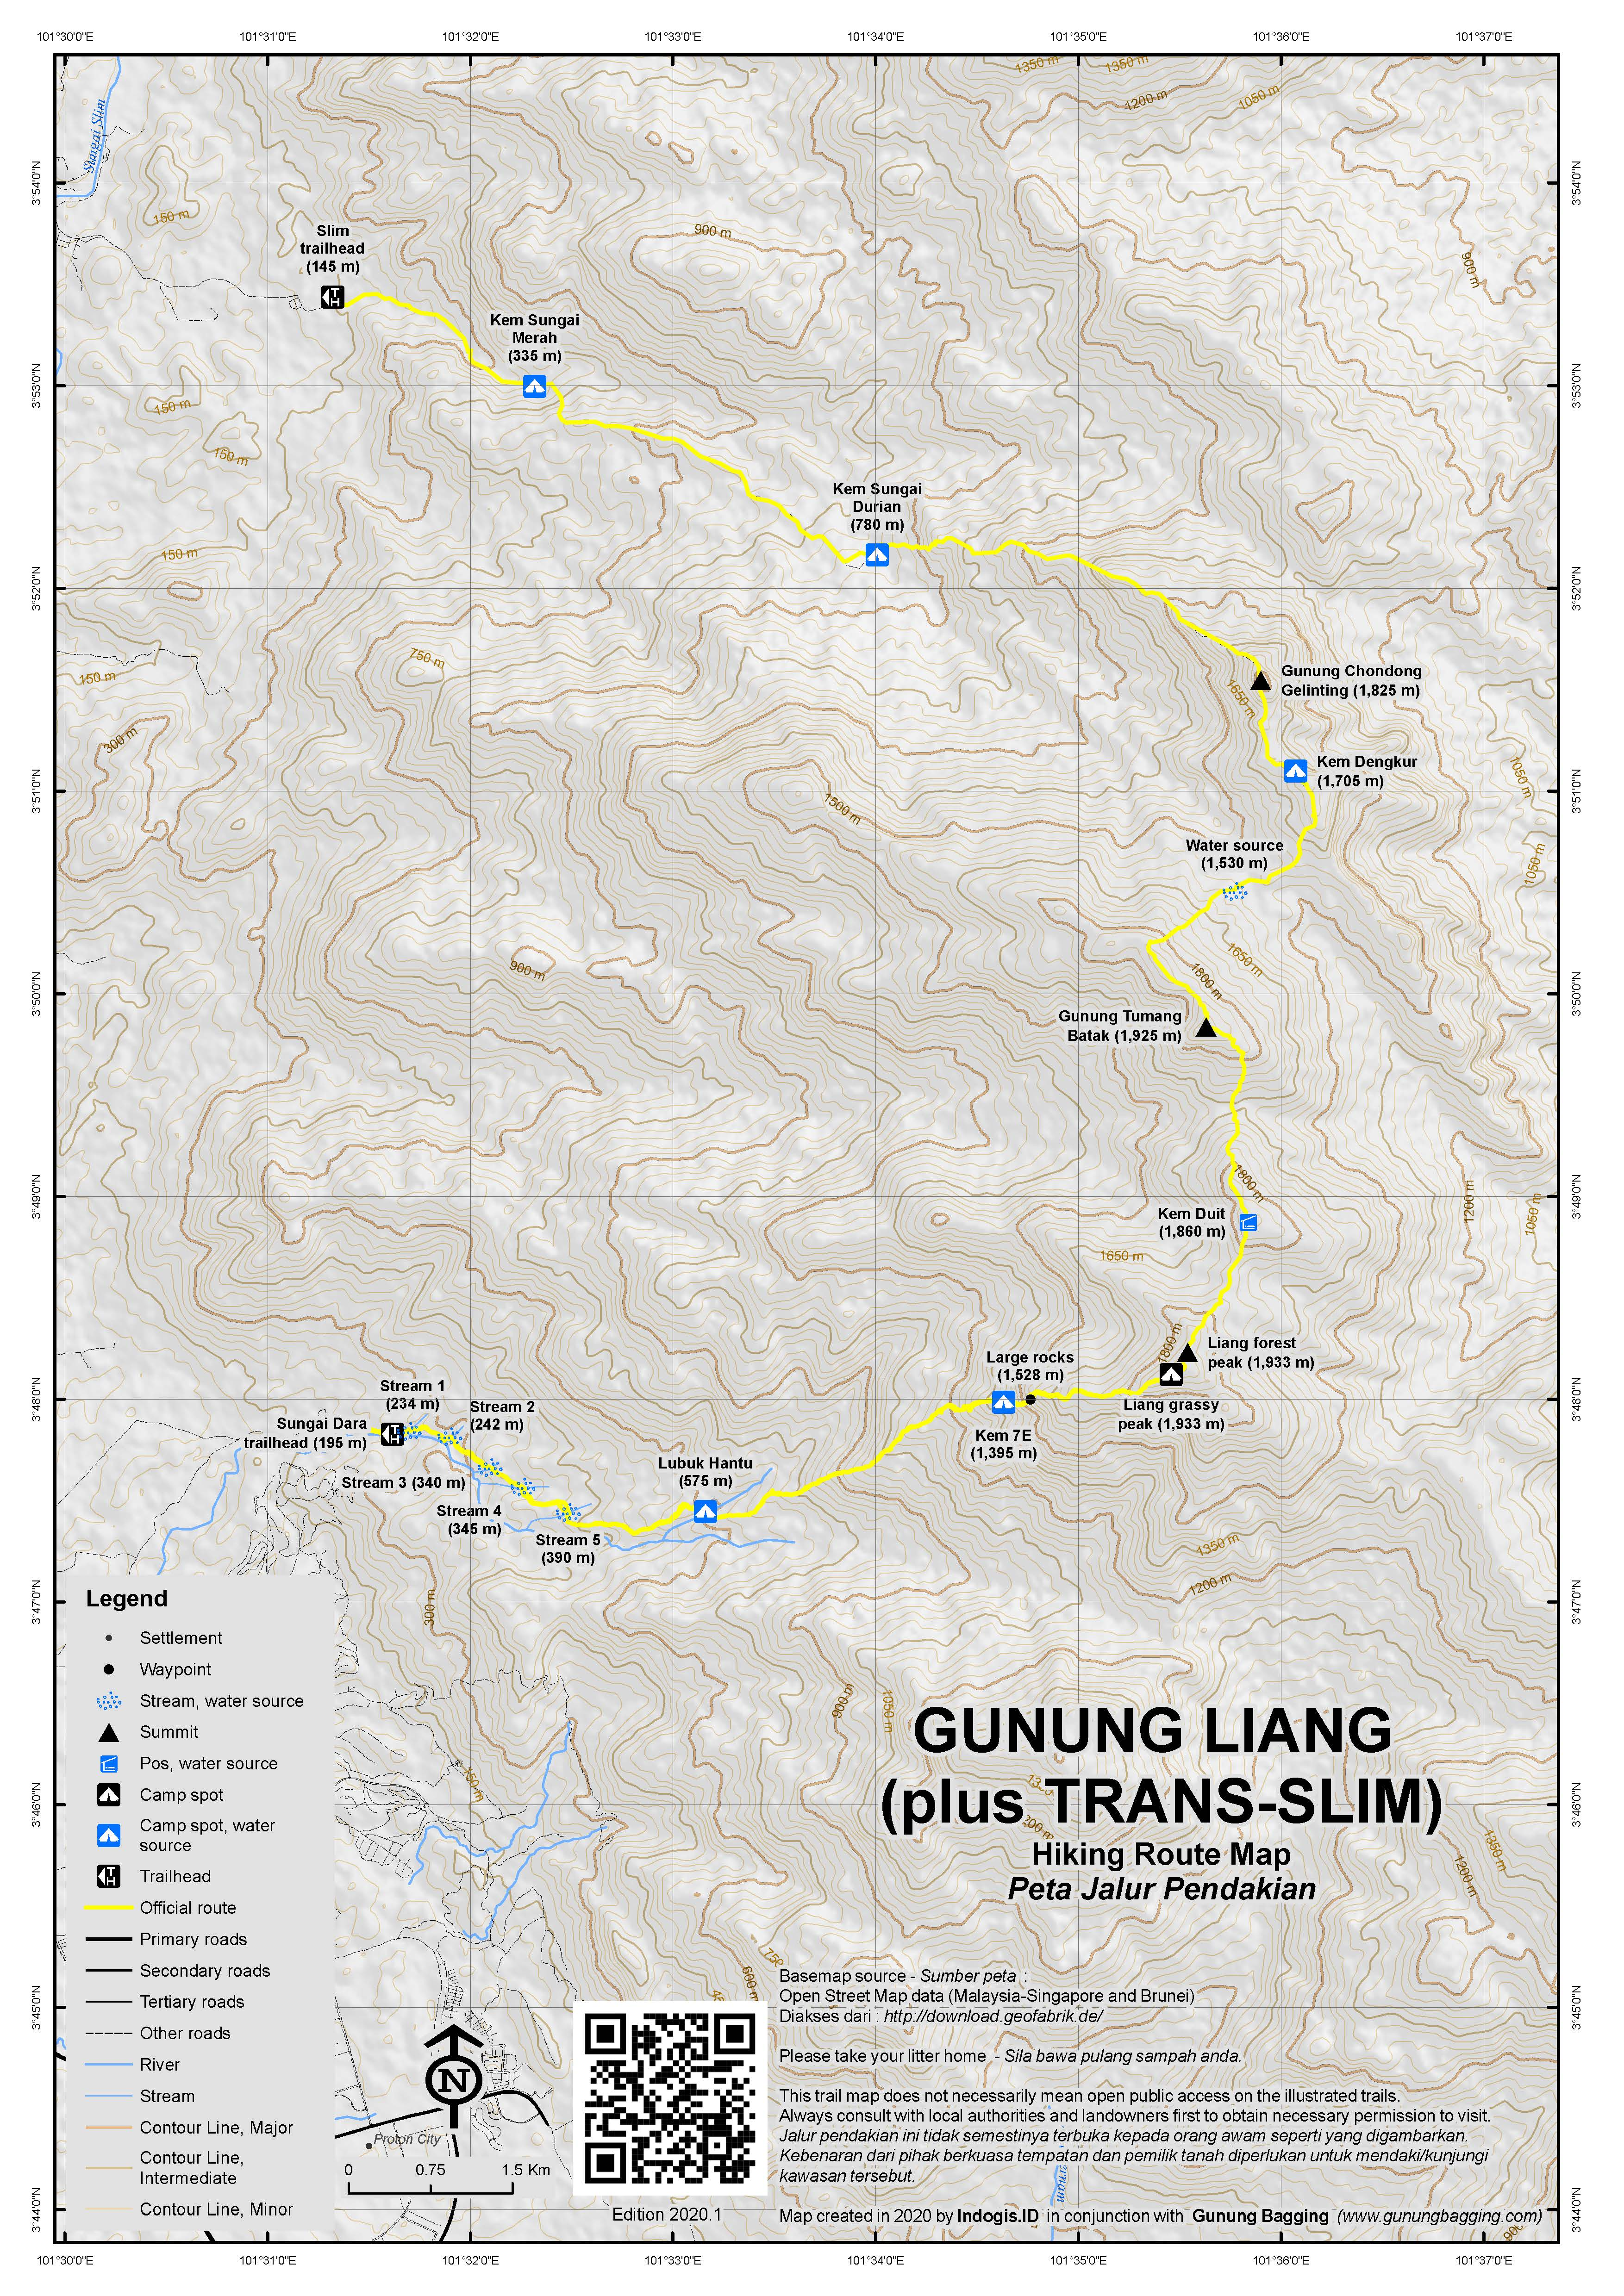 Peta Jalur Pendakian Gunung Liang